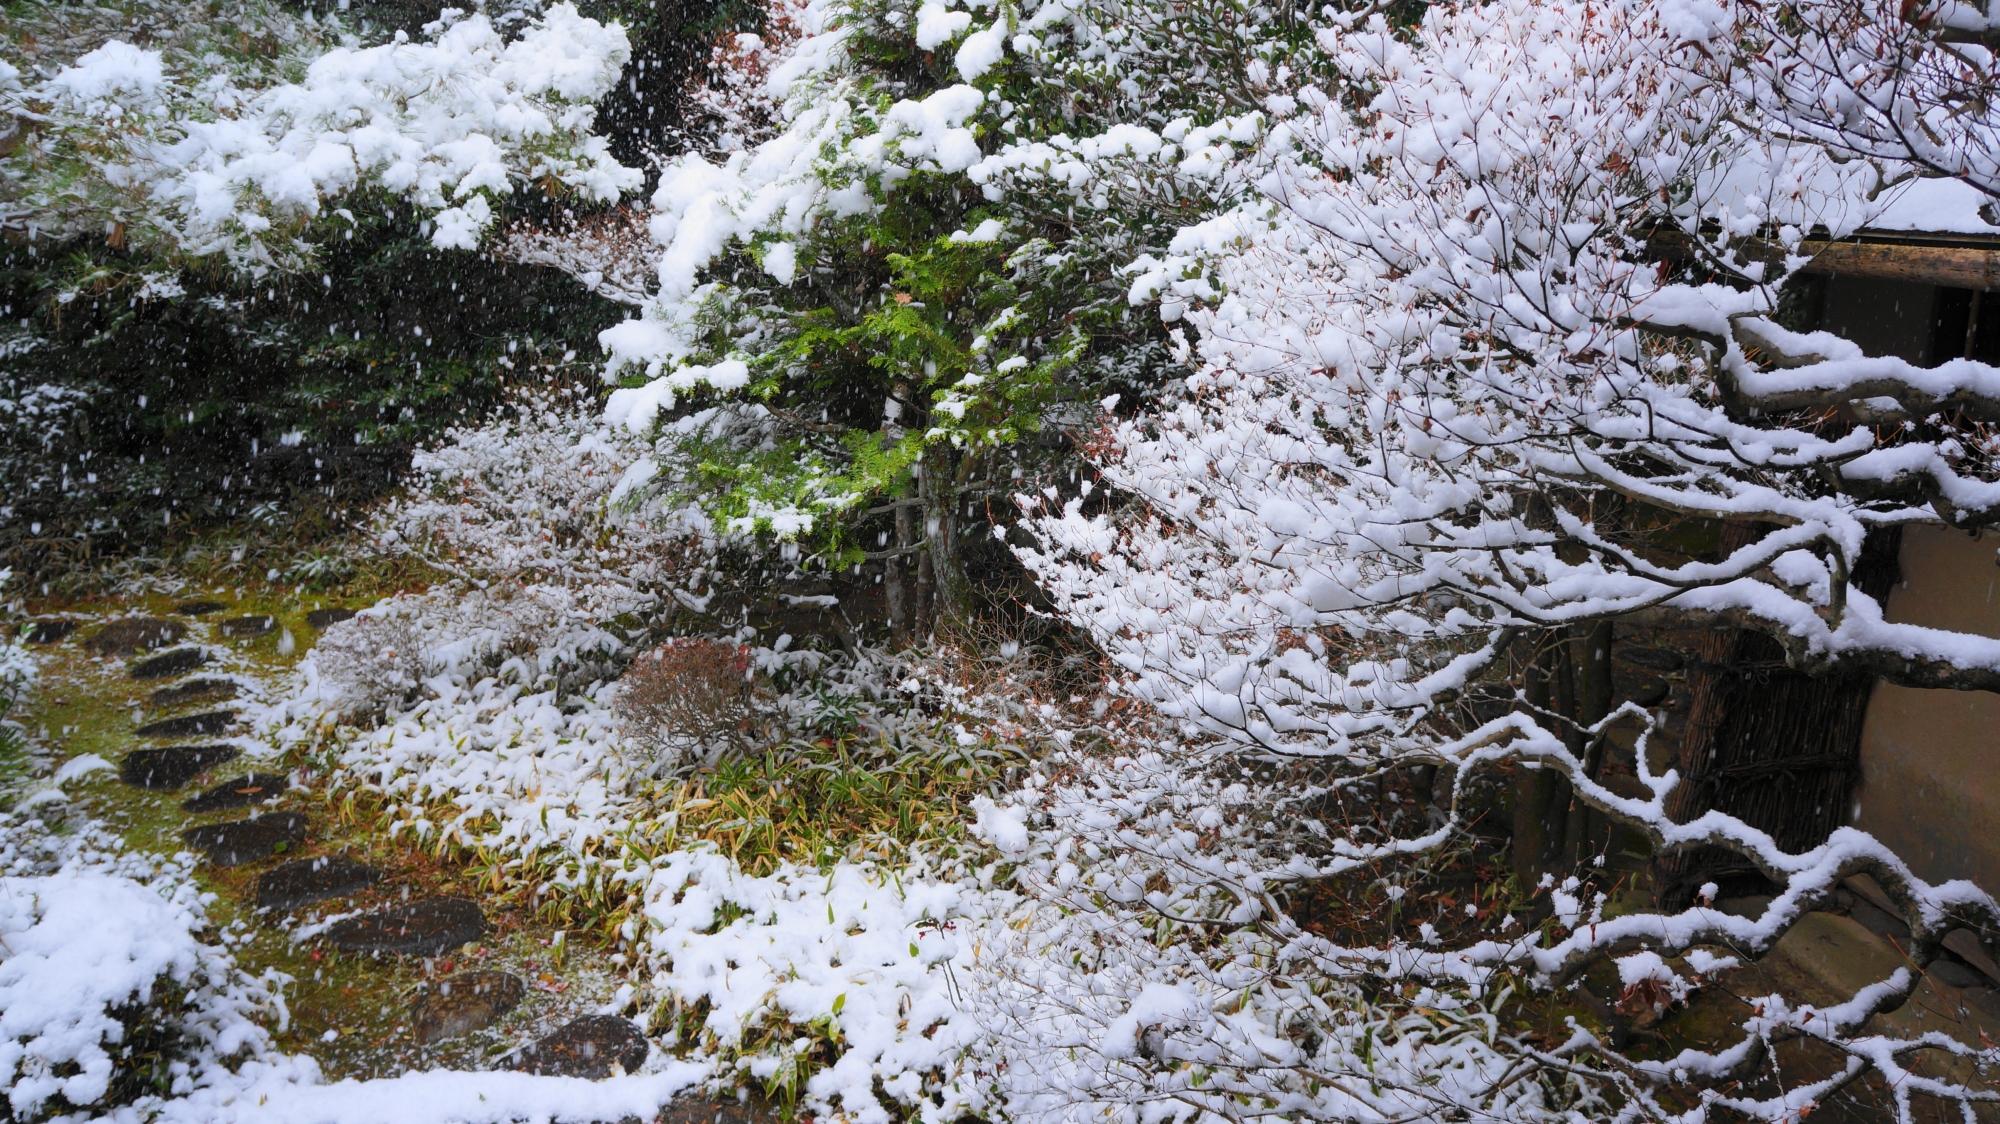 芸術的な雪の花が咲く高桐院